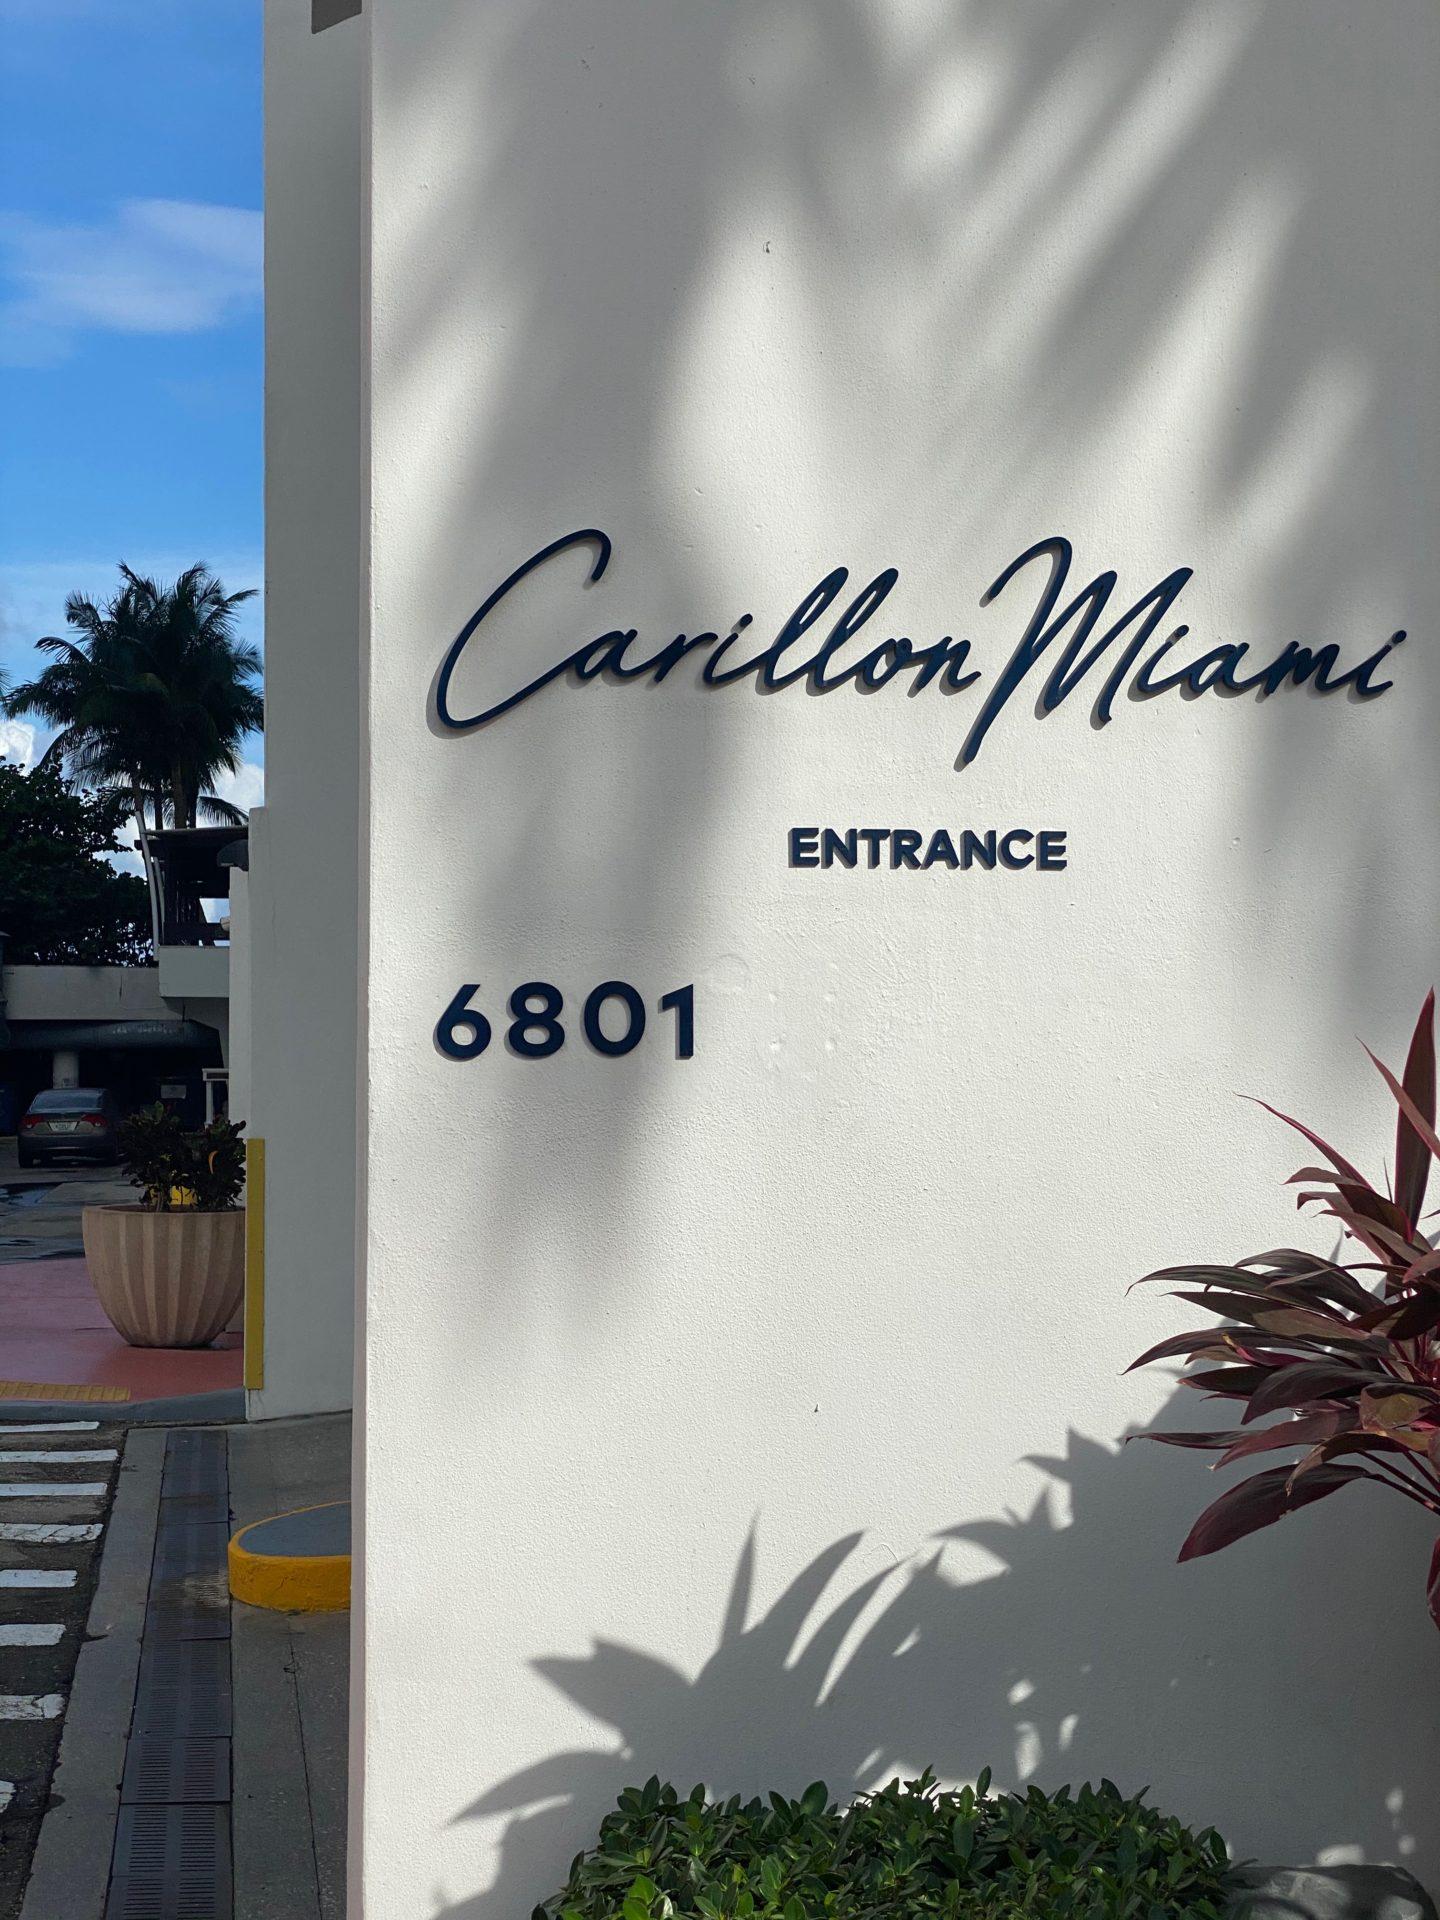 Carillon Wellness Resort Miami